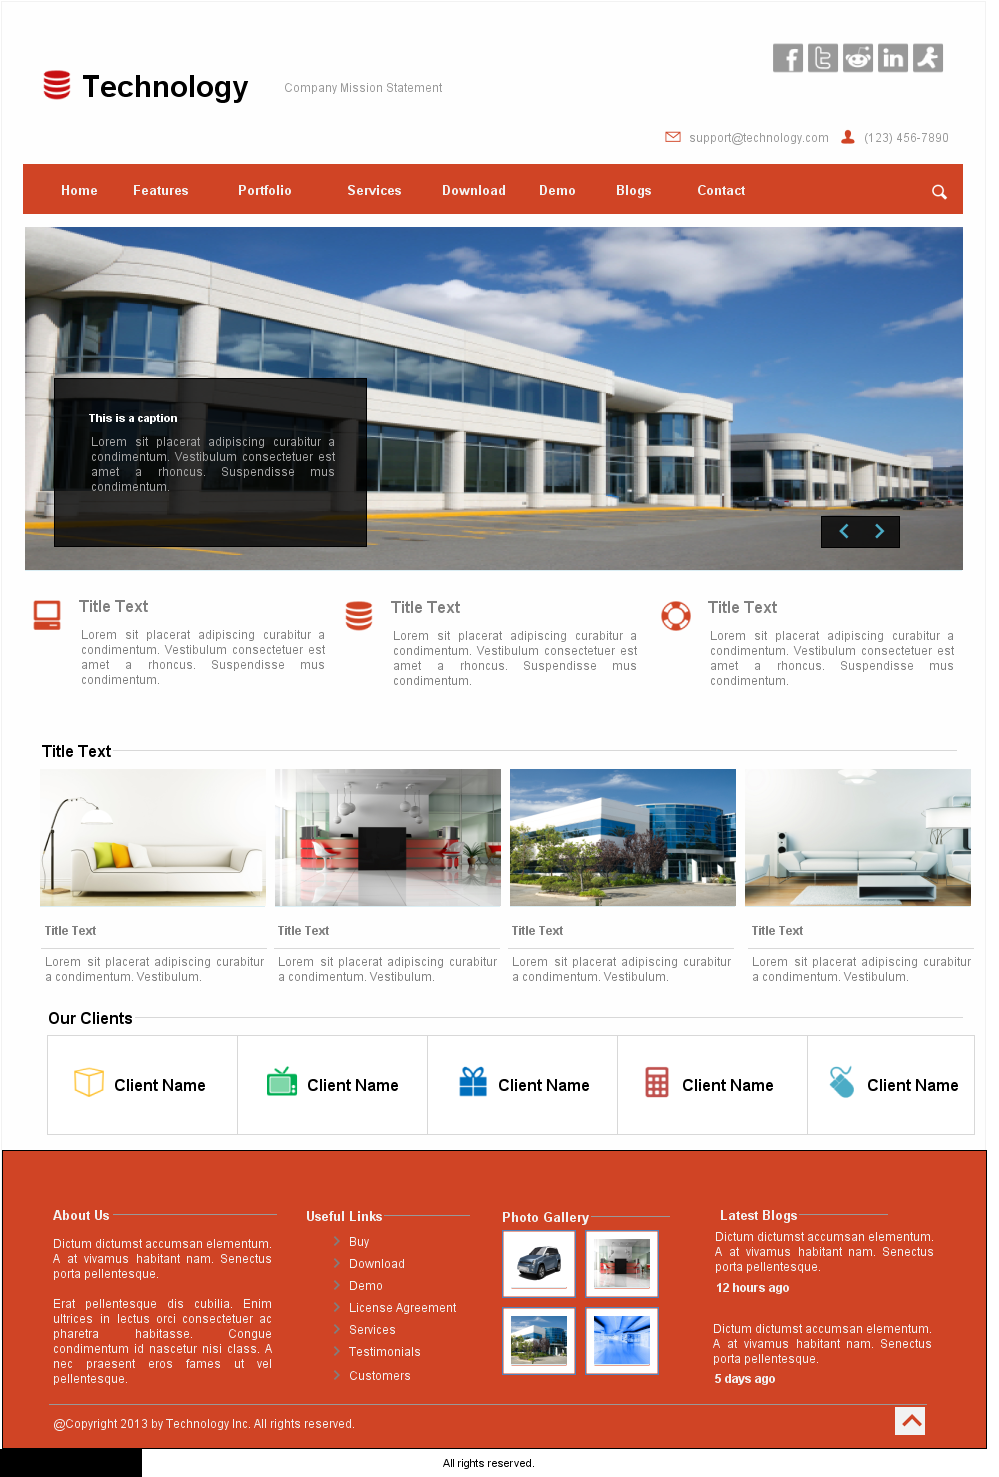 Development Tools Software, DesignerVista GUI Mockup Tool Screenshot